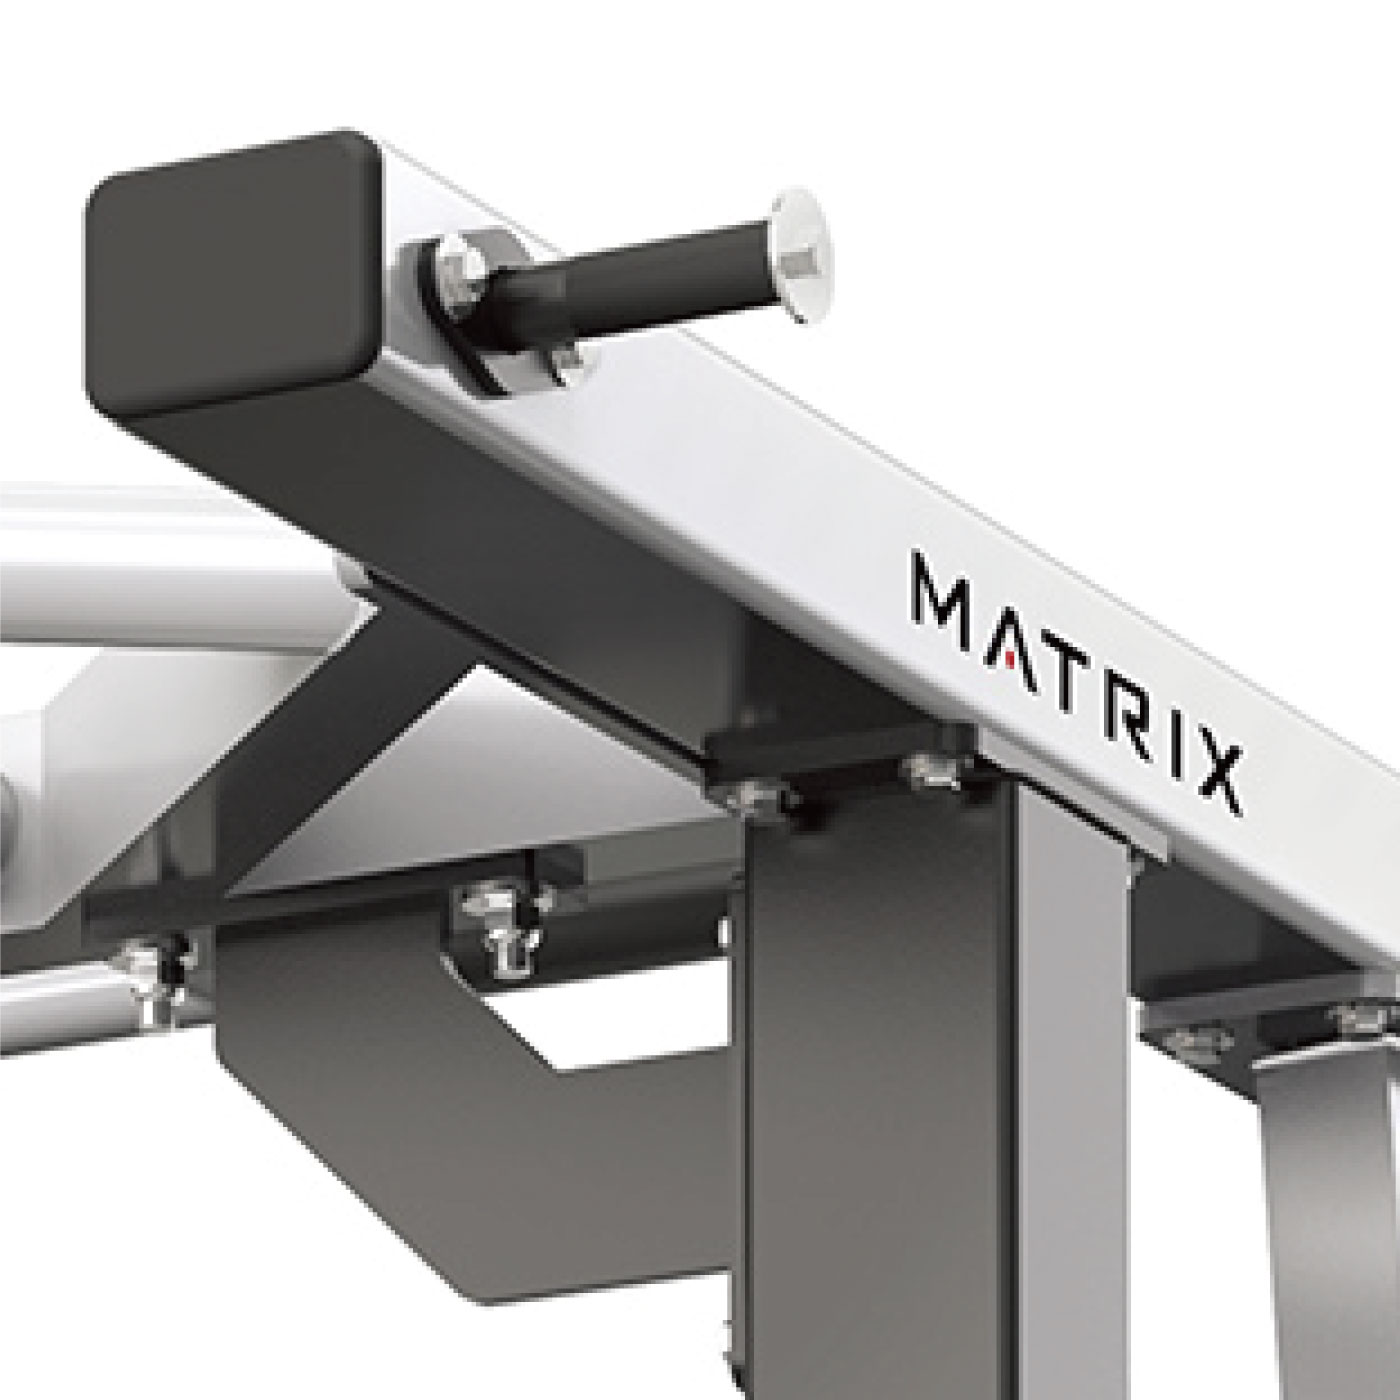 MG-MR690(メガハーフラック)〈MAGNUMシリーズ〉/業務用ストレングスマシン〈業務用MATRIX〉《ジョンソンヘルステック》